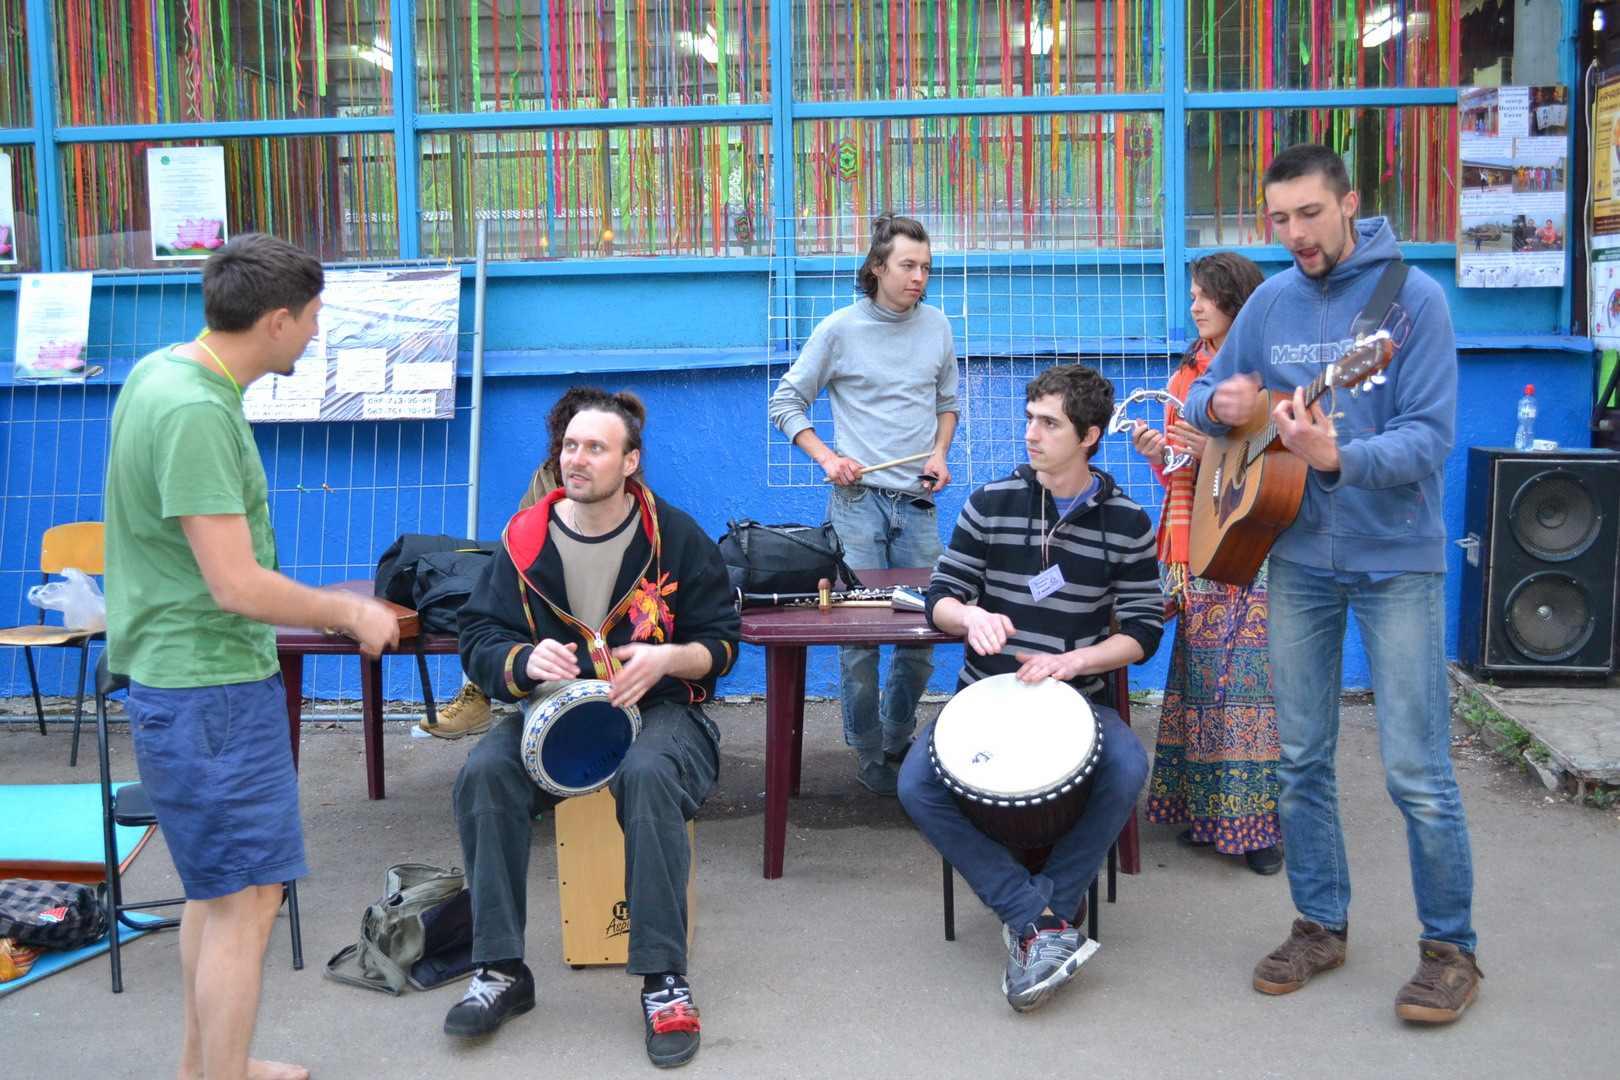 музыканты барабанщики. фестиваль тавале